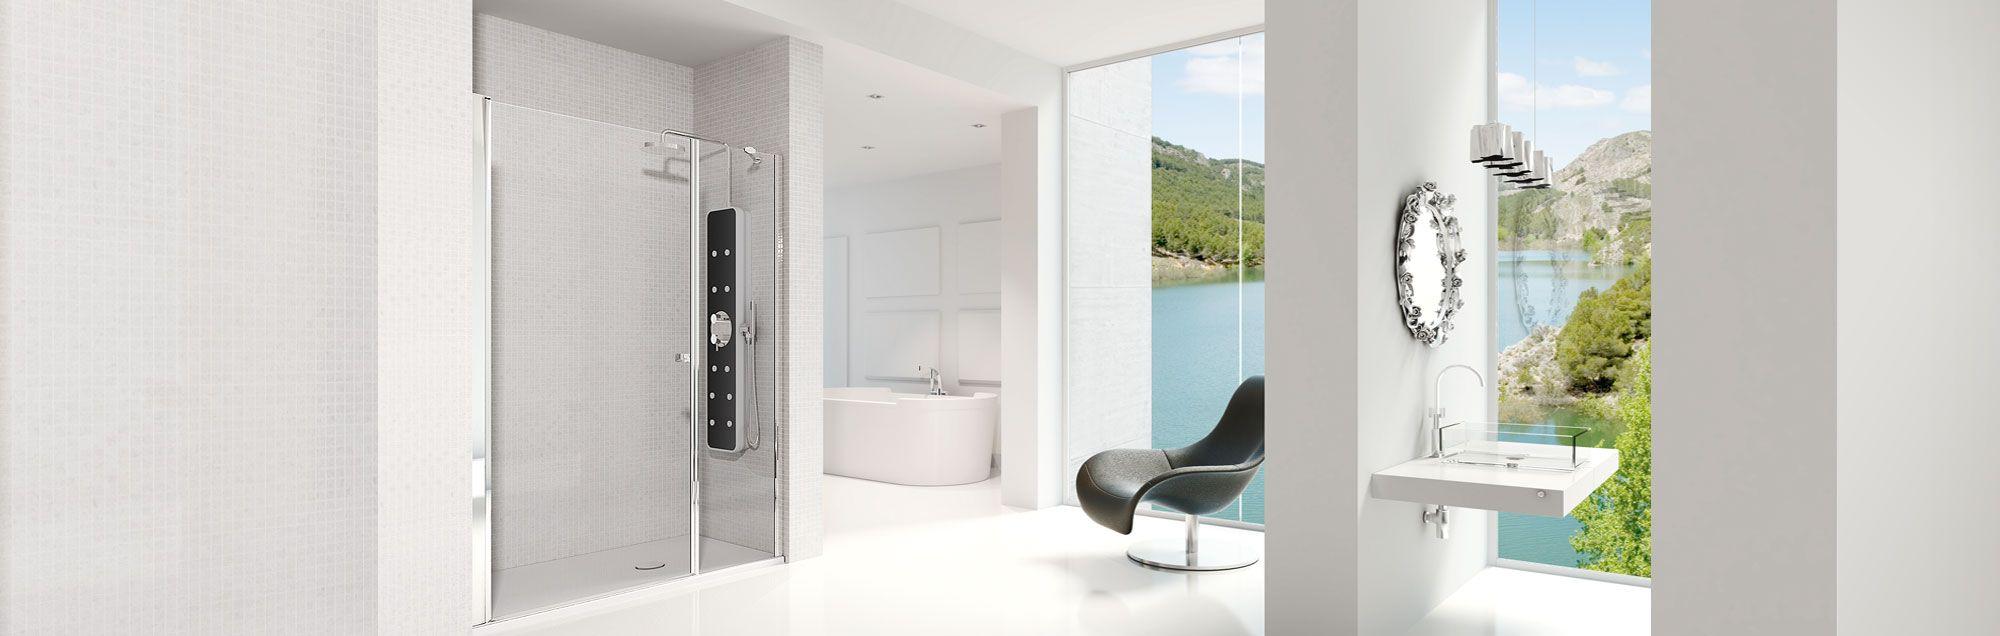 Serie Arcoiris Plus di box doccia battenti su misura